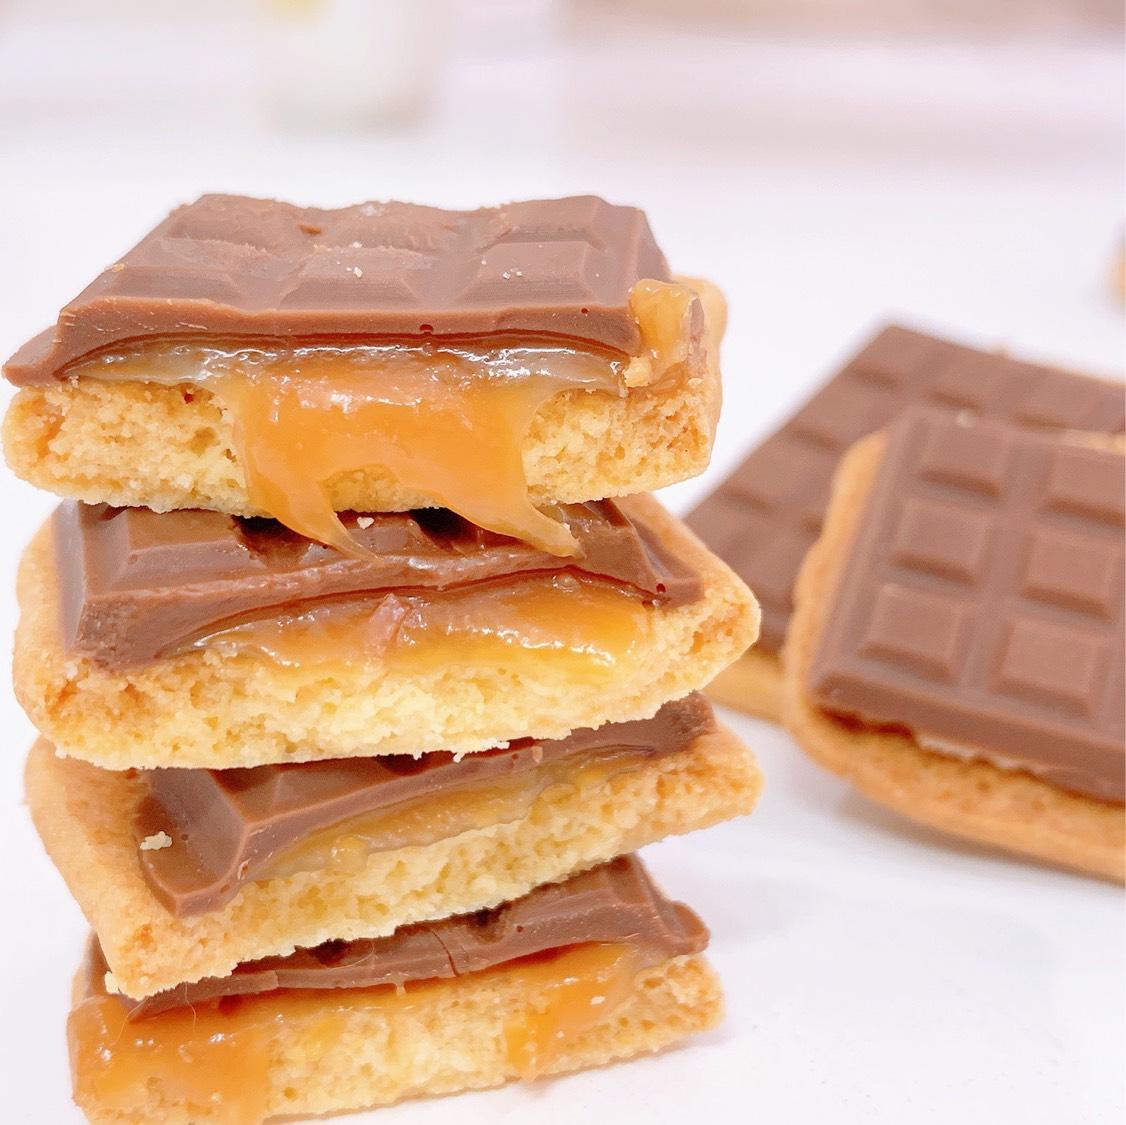 酥脆好吃❗️焦糖夹心❗️爆浆巧克力曲奇饼